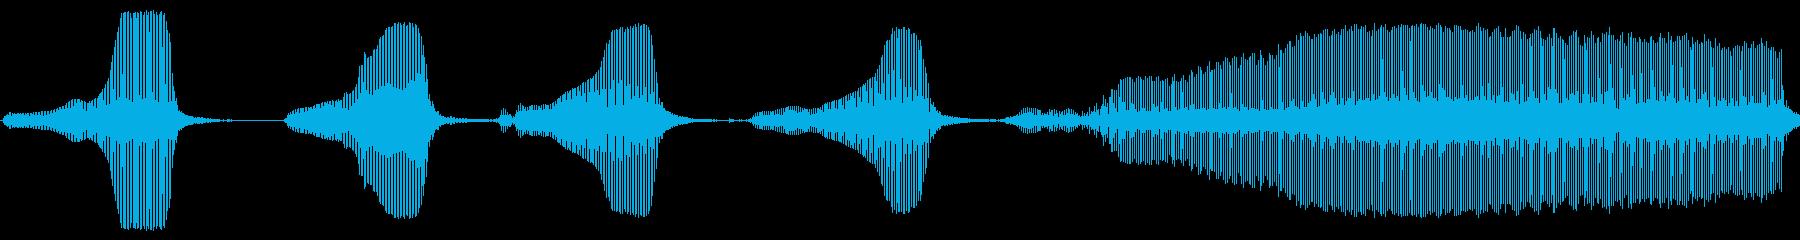 失敗音の再生済みの波形